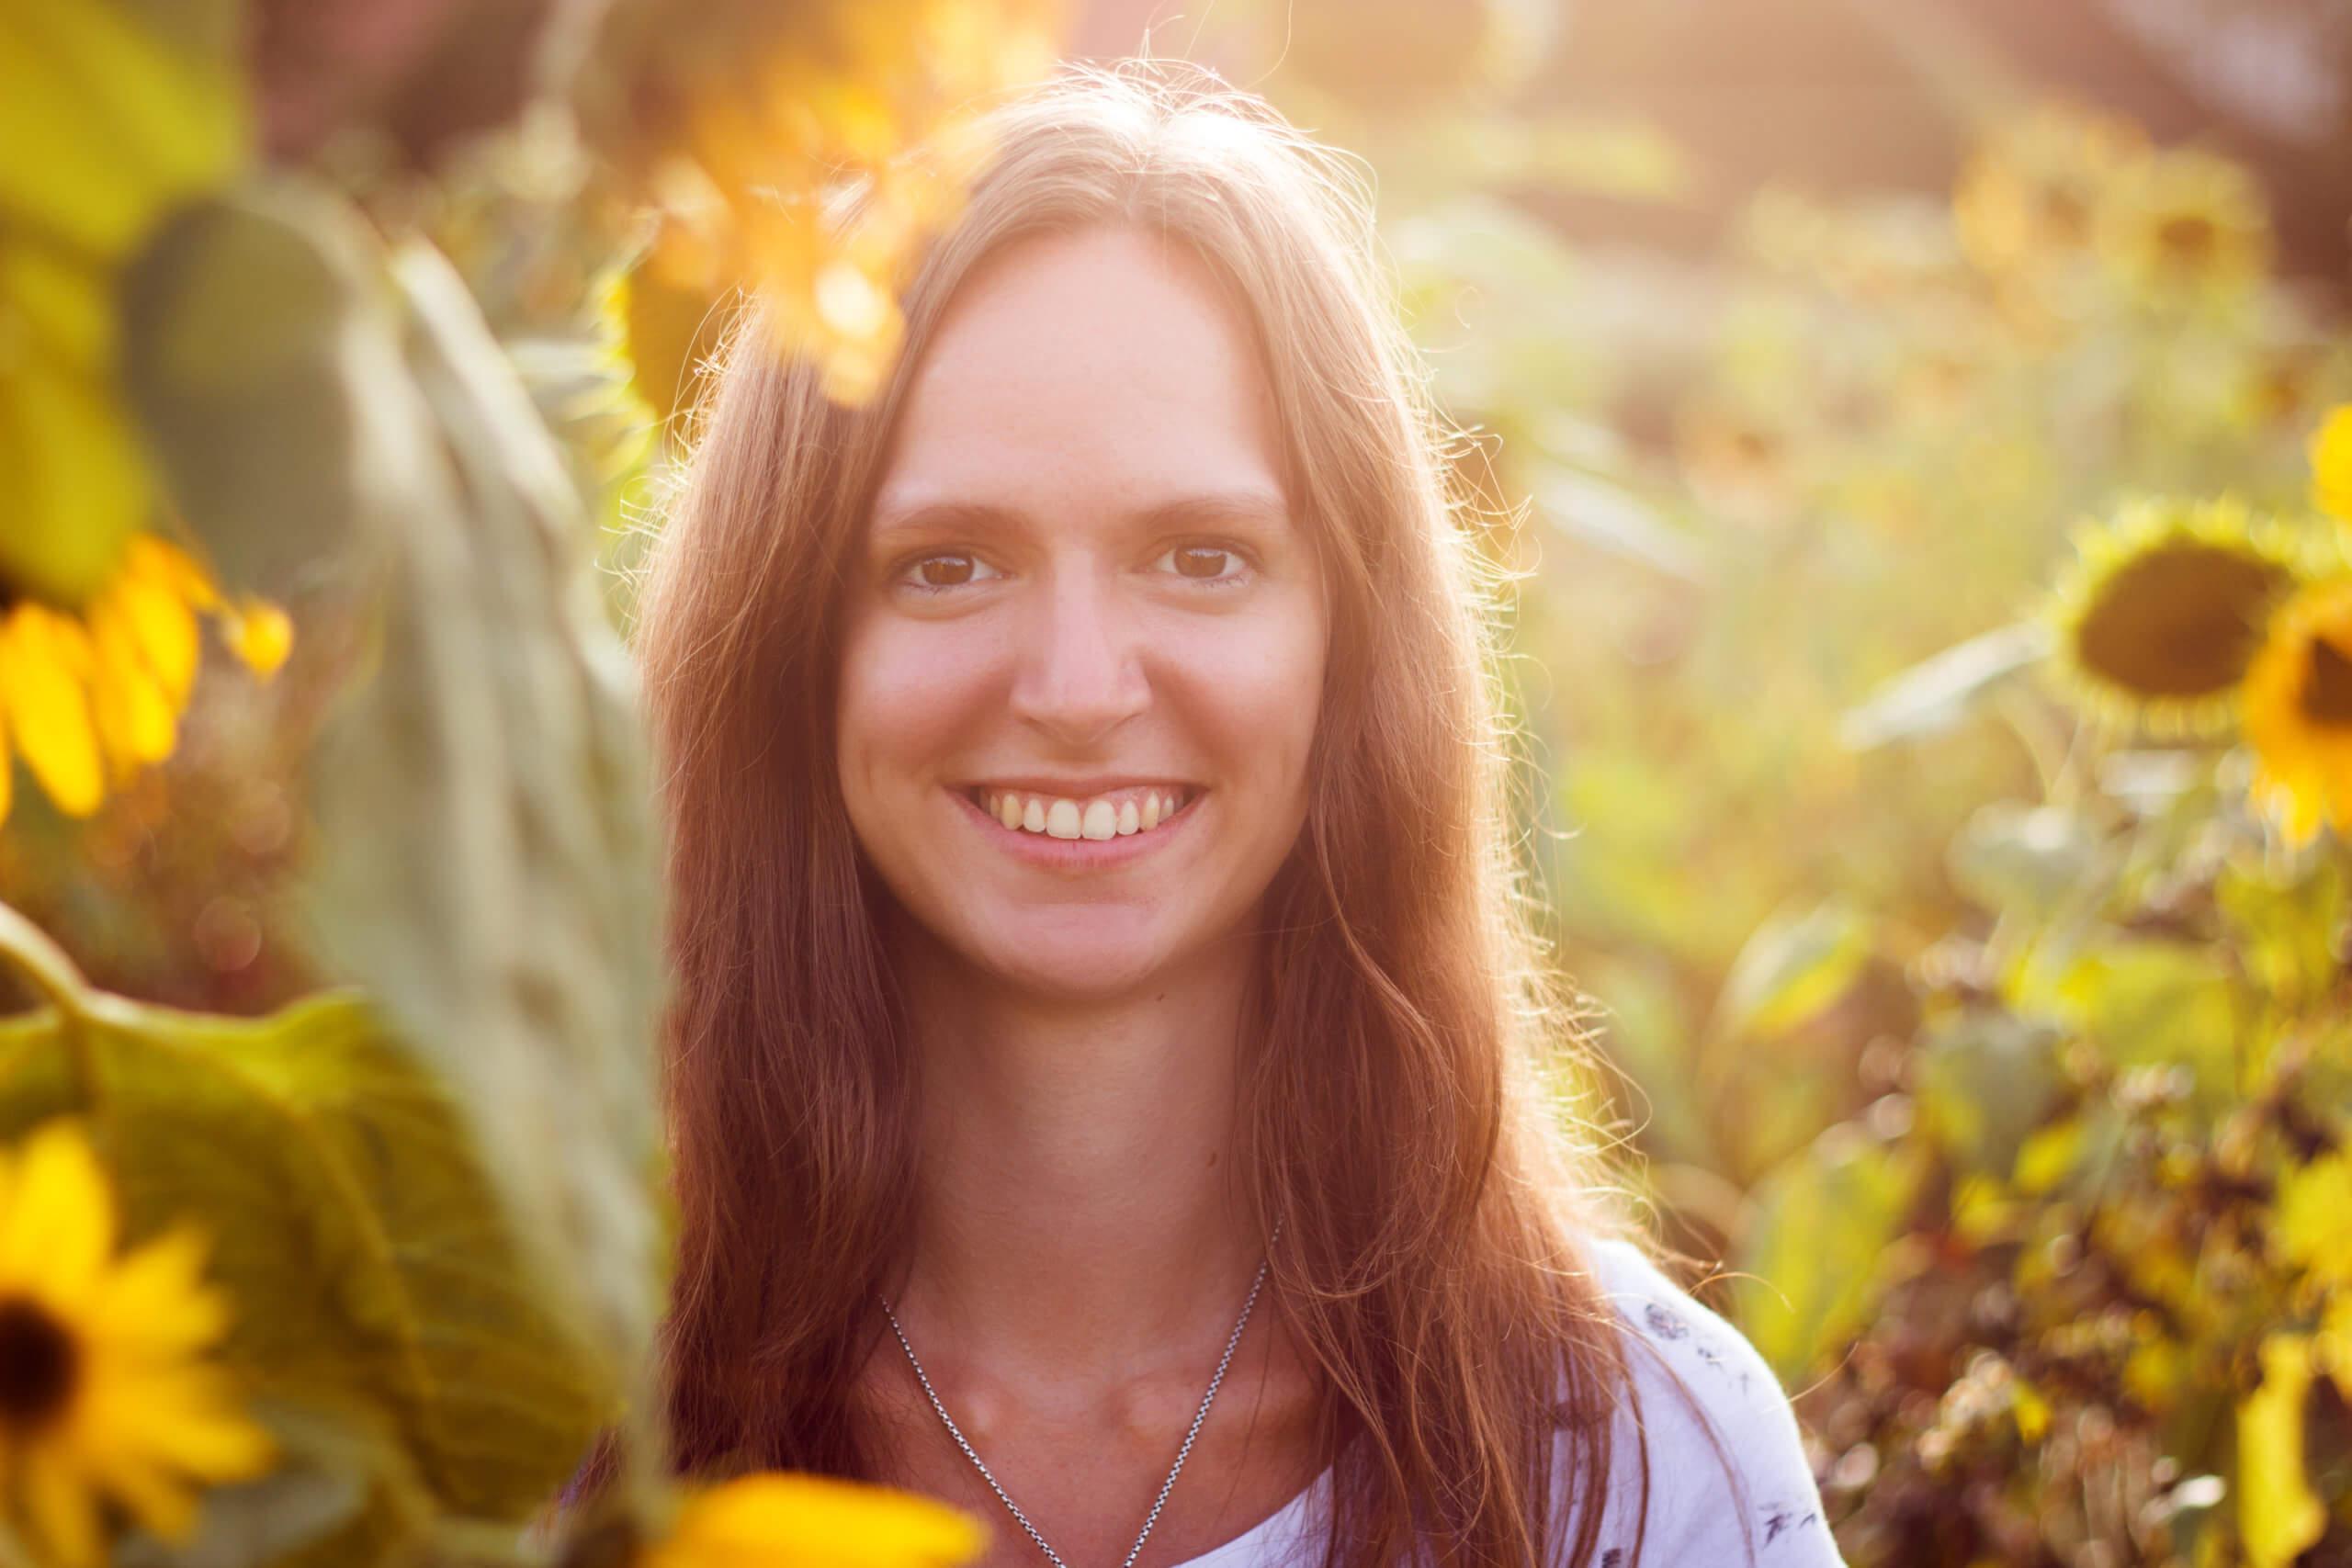 Gegenlicht-Fotografie Gegenlicht Fotografie Porträt Sonneblumenfeld